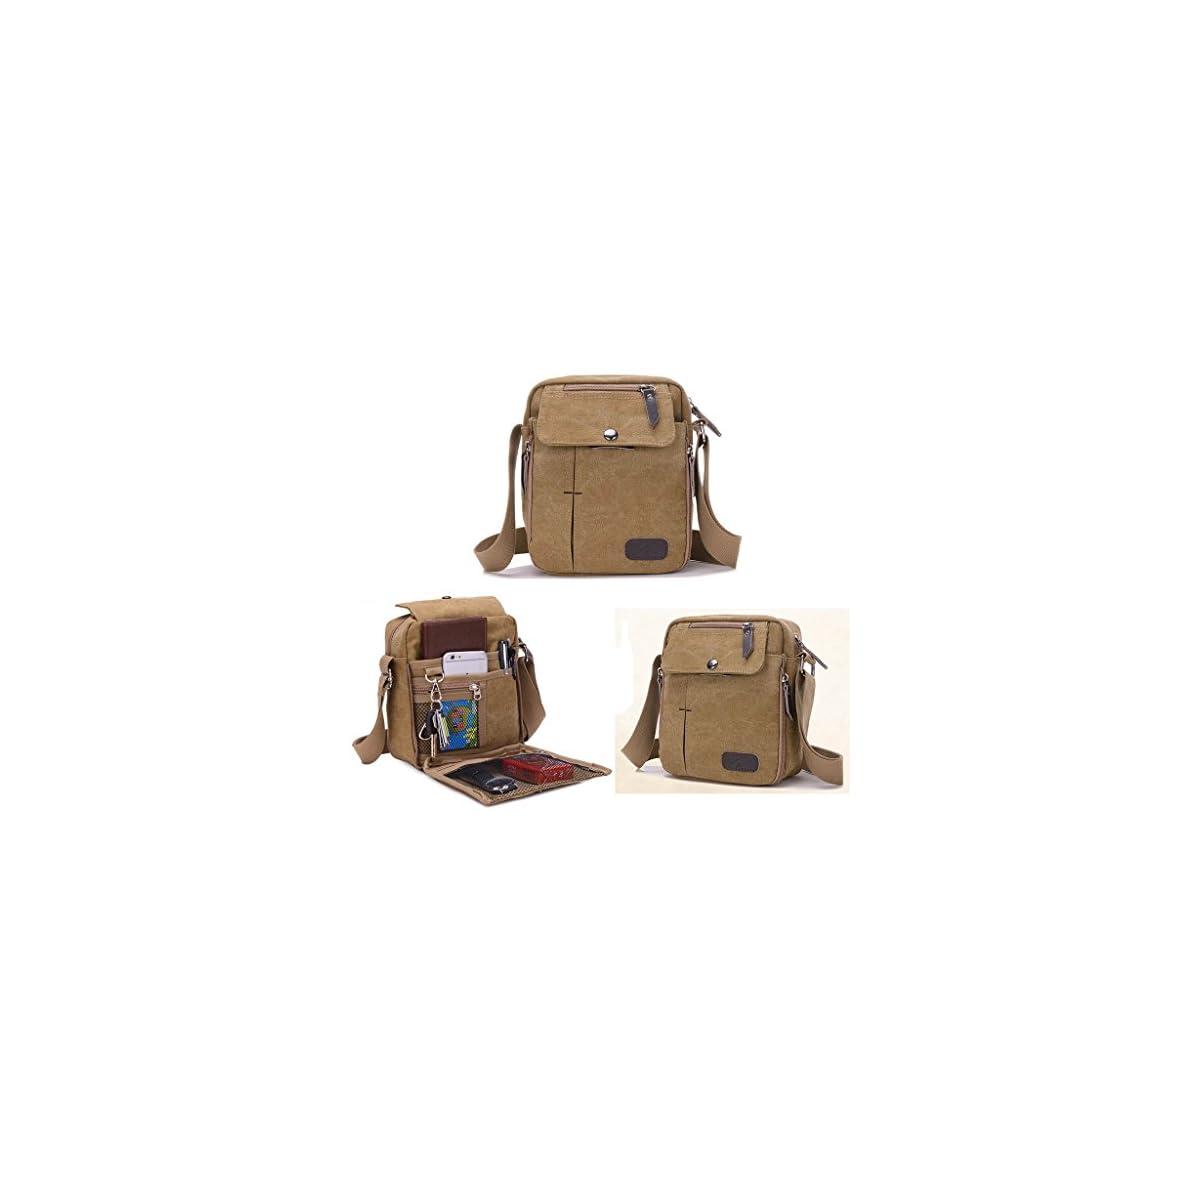 51BtwIHL33L. SS1200  - Outreo Bolsos de Tela Pequeñas Bolso Bandolera Hombre Bolsos Originales Vintage Bolsas de Viaje para Tablet Escolares Bolsa de Lona Colegio Universidad Libro Sport Messenger Bag